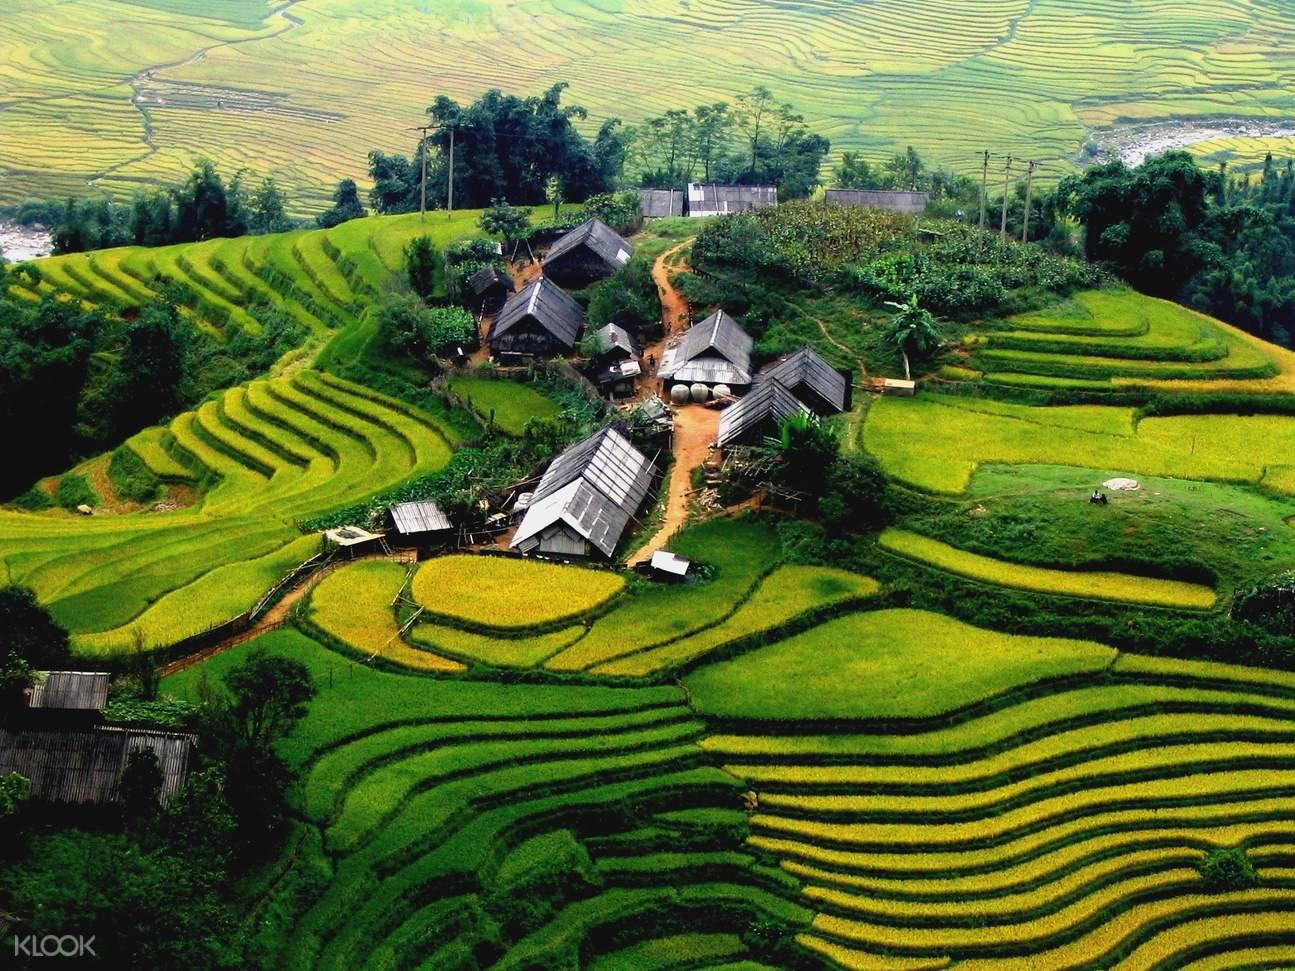 越南旅游,萨帕旅游,徒步萨帕之旅,越南梯田,徒步萨帕